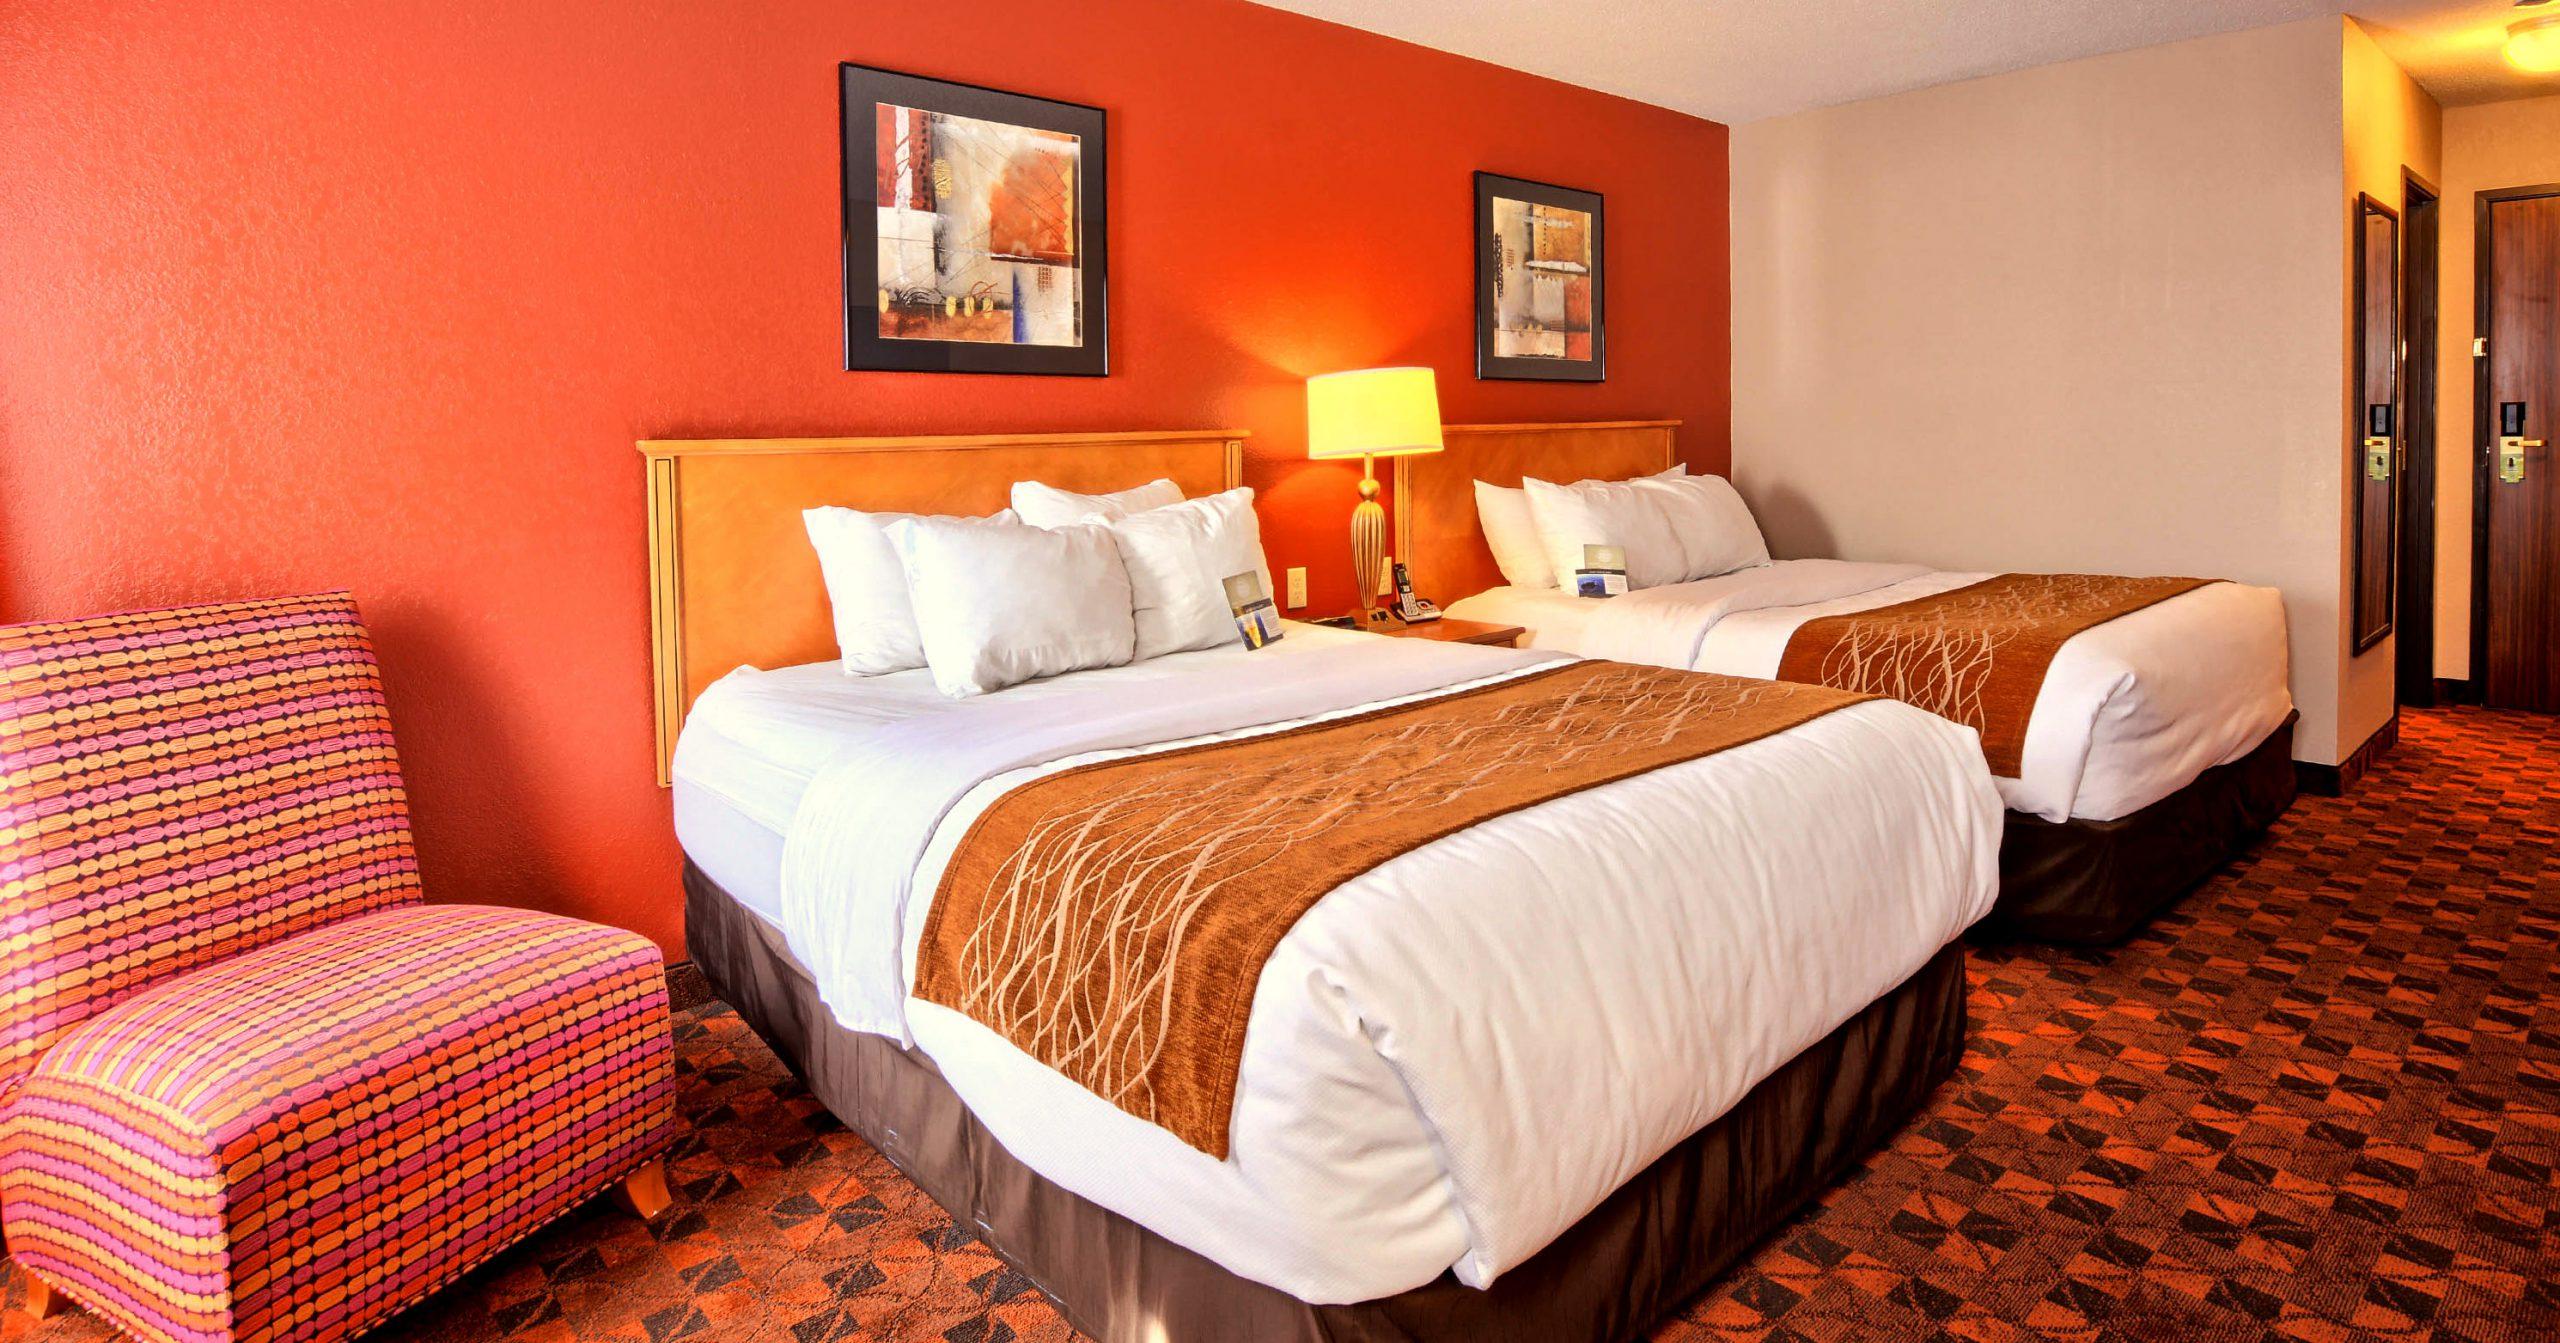 Standard Double Queen - Bed